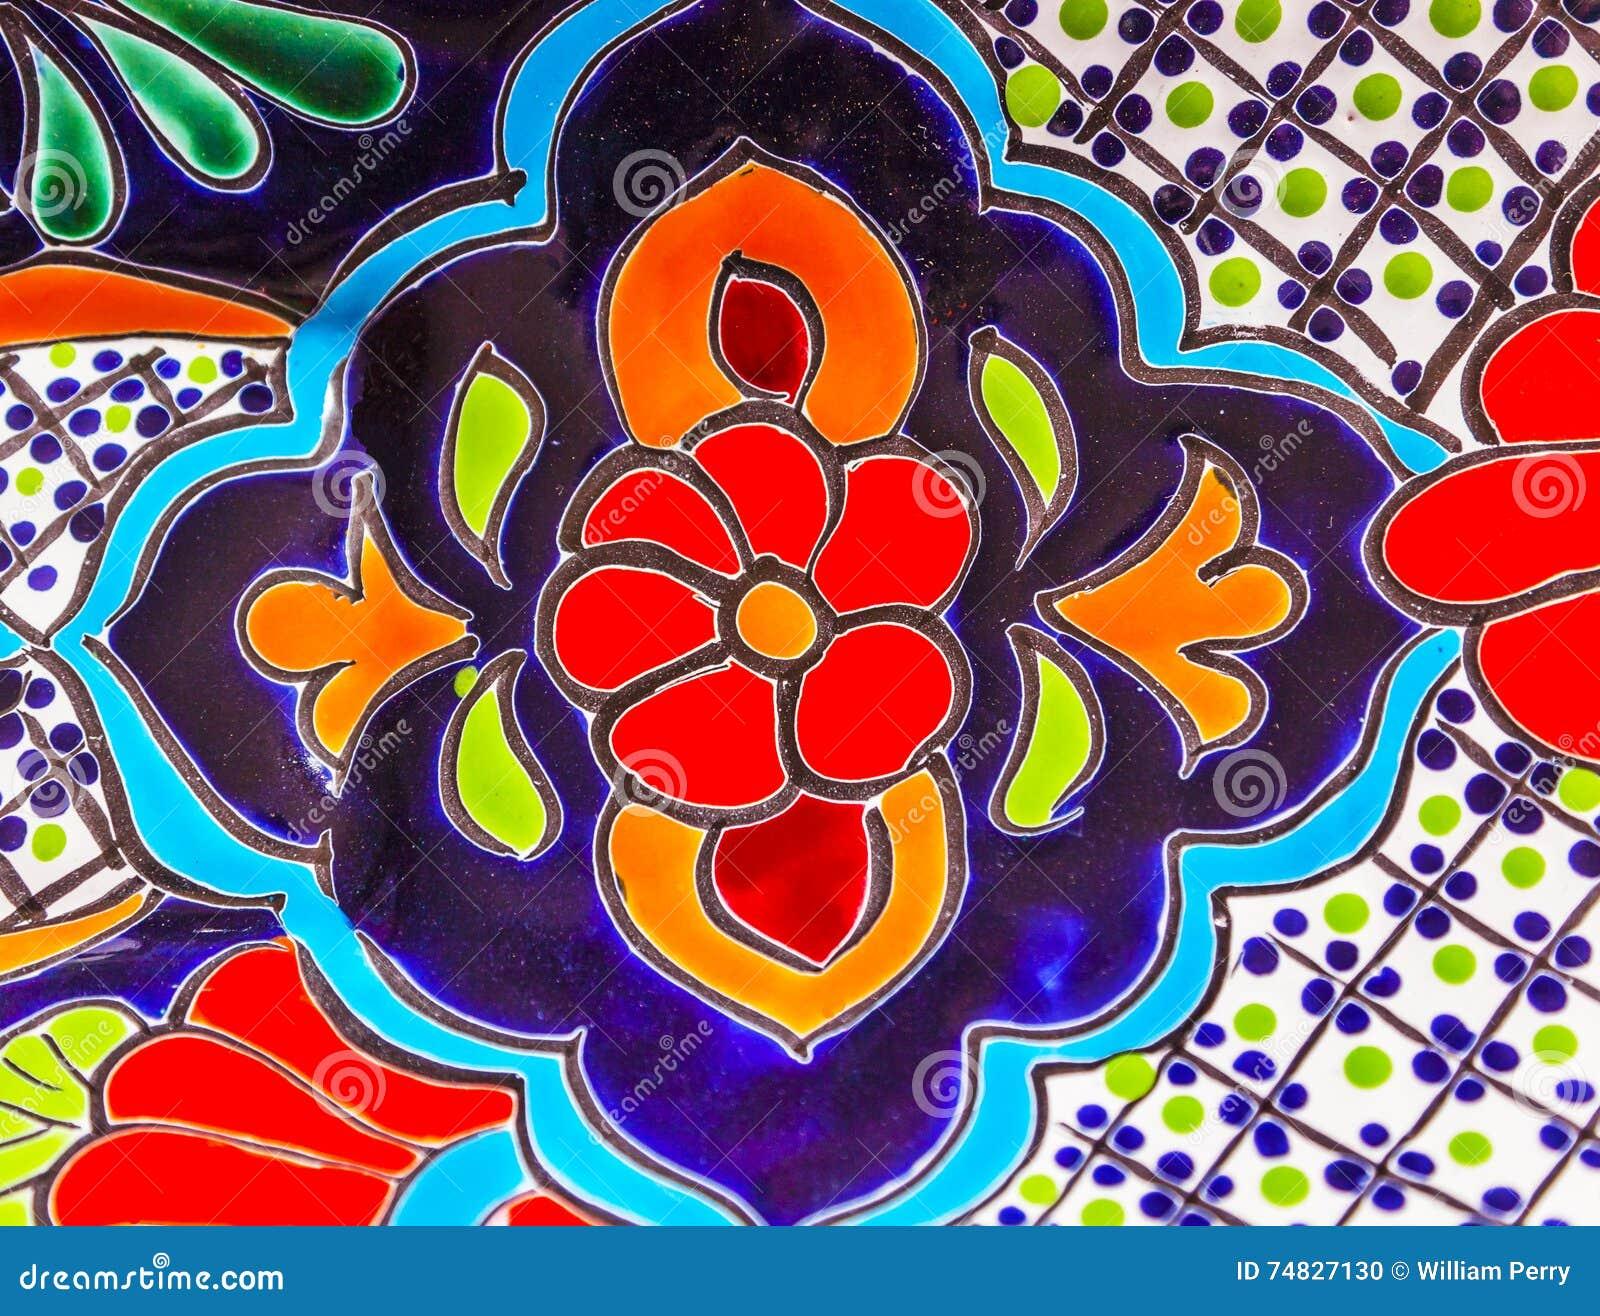 Pot De Fleurs Bleu Rouge En Ceramique Colore Dolores Hidalgo Mexico